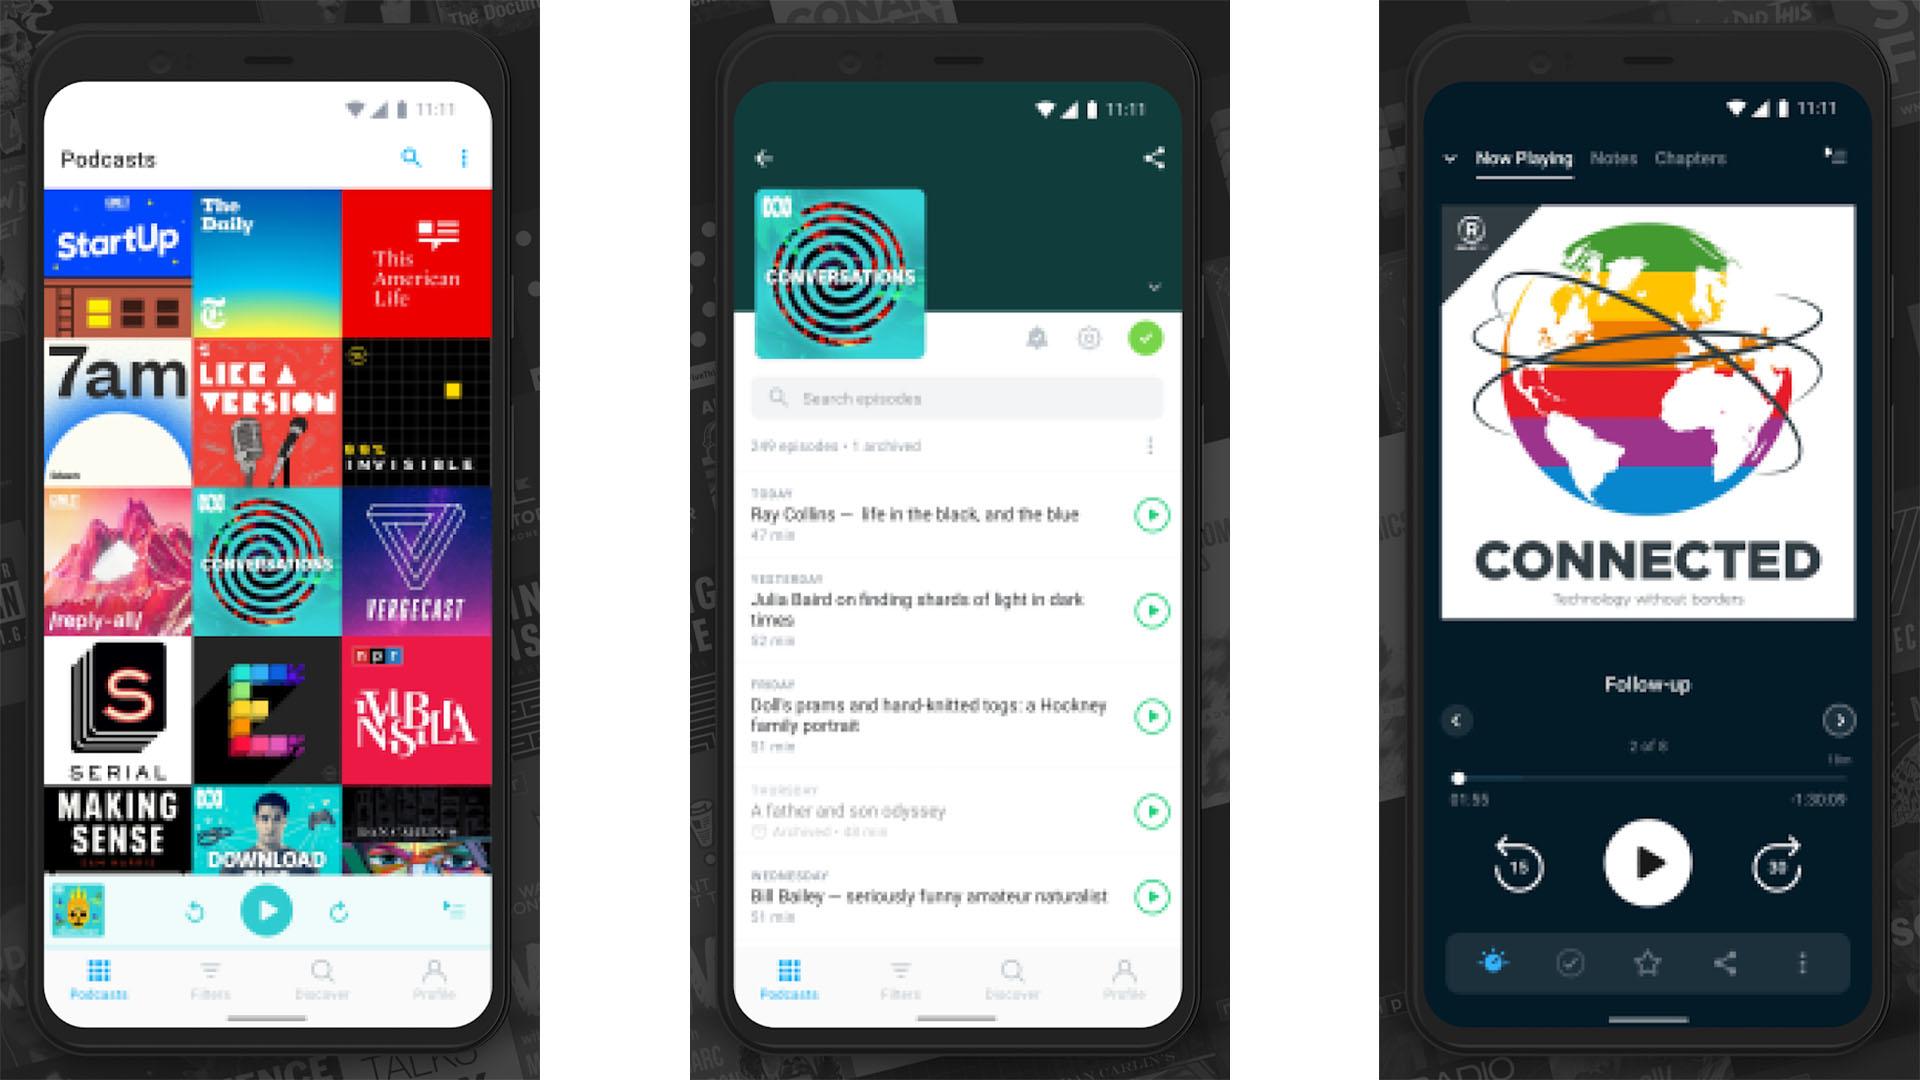 Pocket Casts screenshot 2020